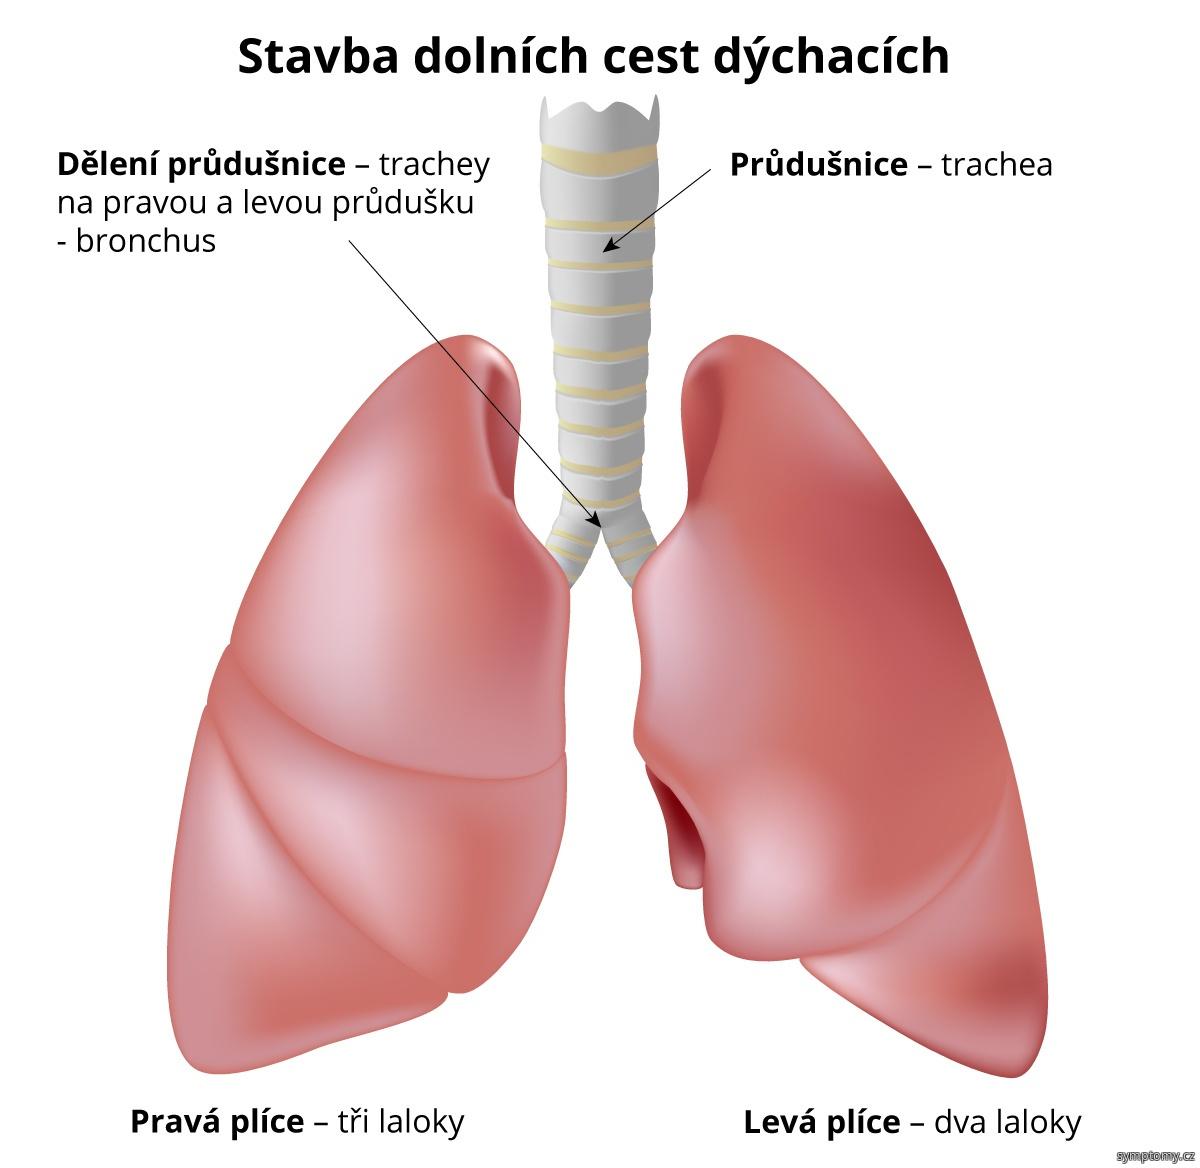 Stavba dolních cest dýchacích